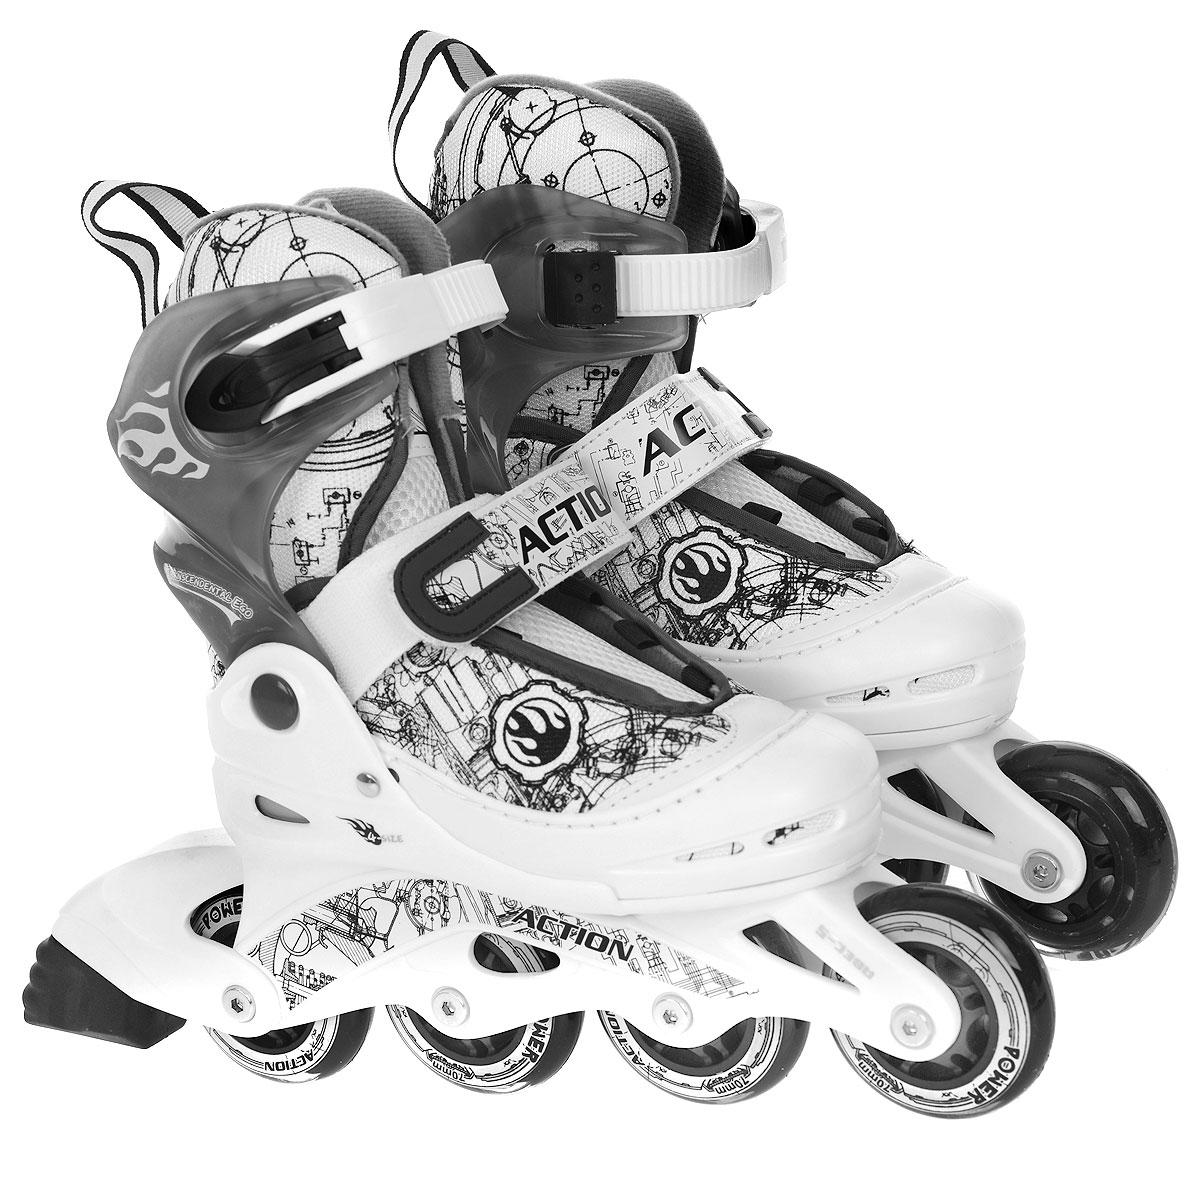 Коньки роликовые Action PW-118, раздвижные, цвет: белый, серый. Размер 38/41 коньки роликовые раздвижные action pw 717 р 38 41